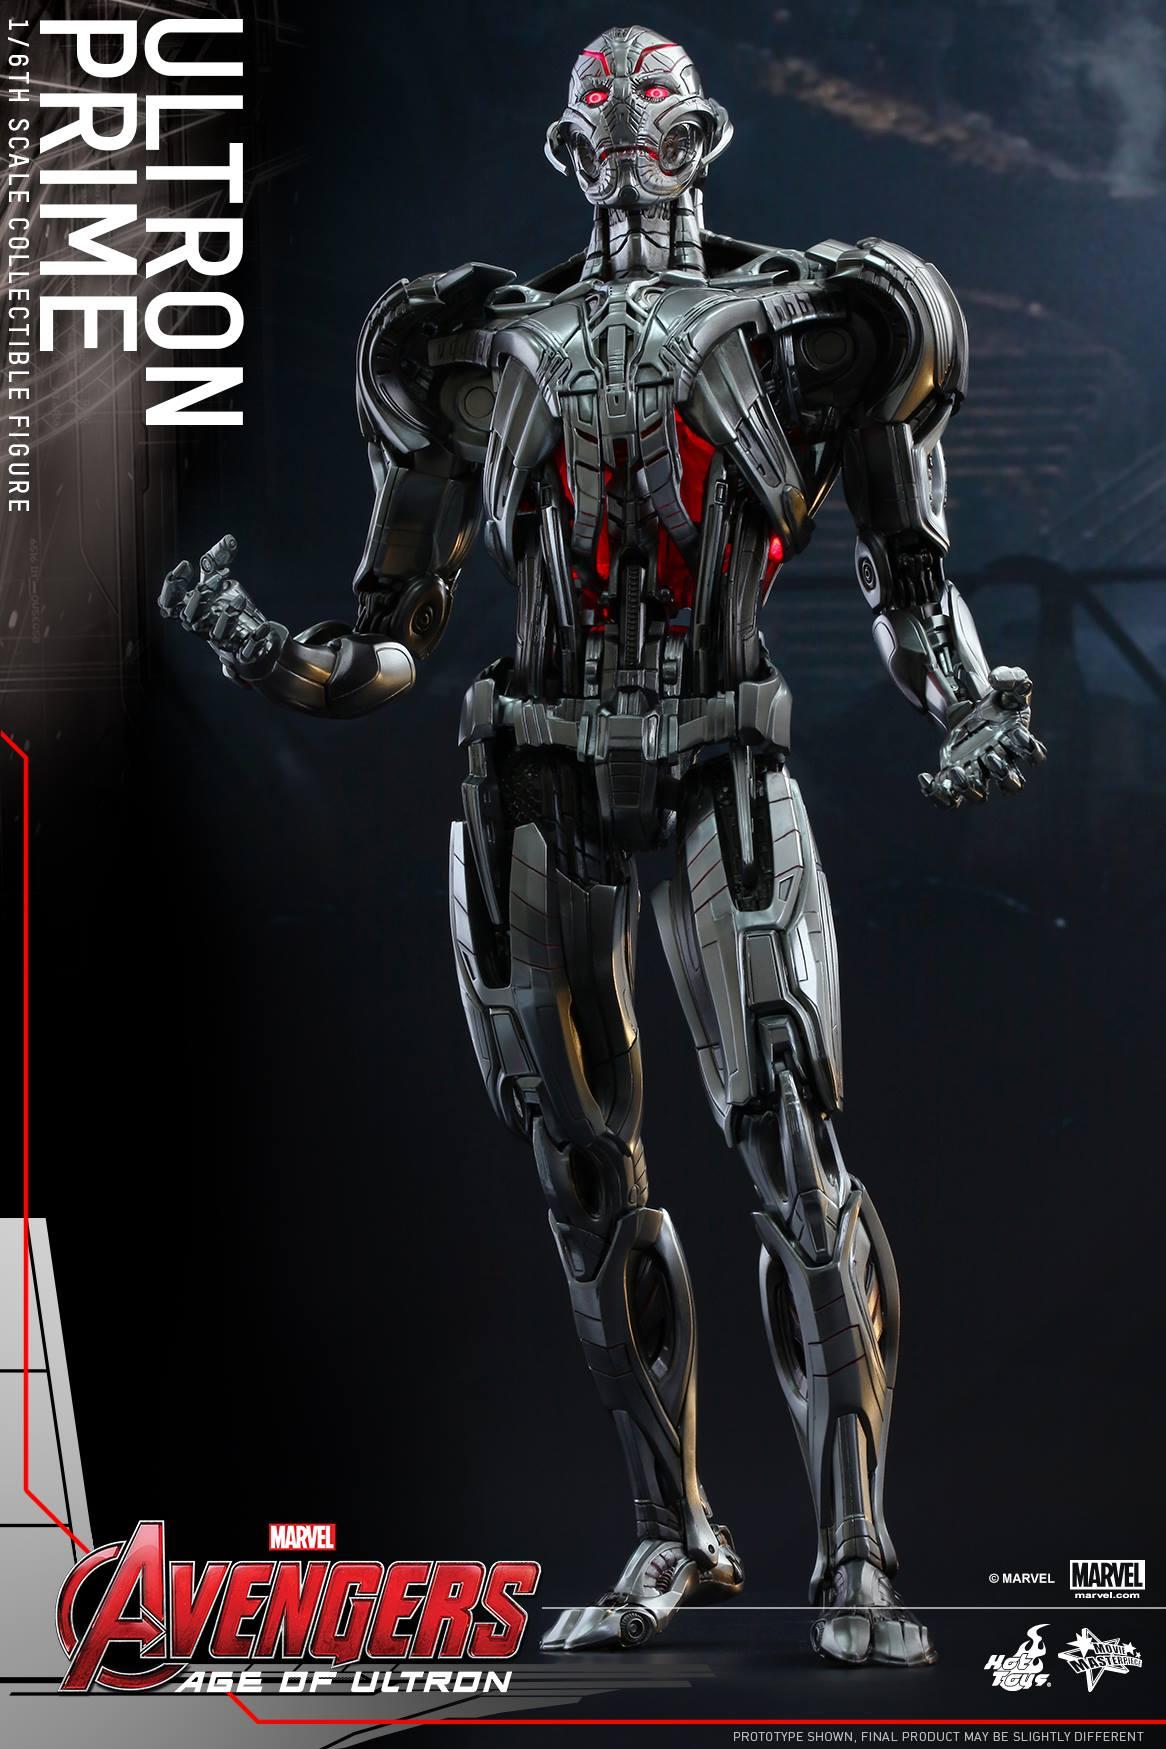 news_avengers2113